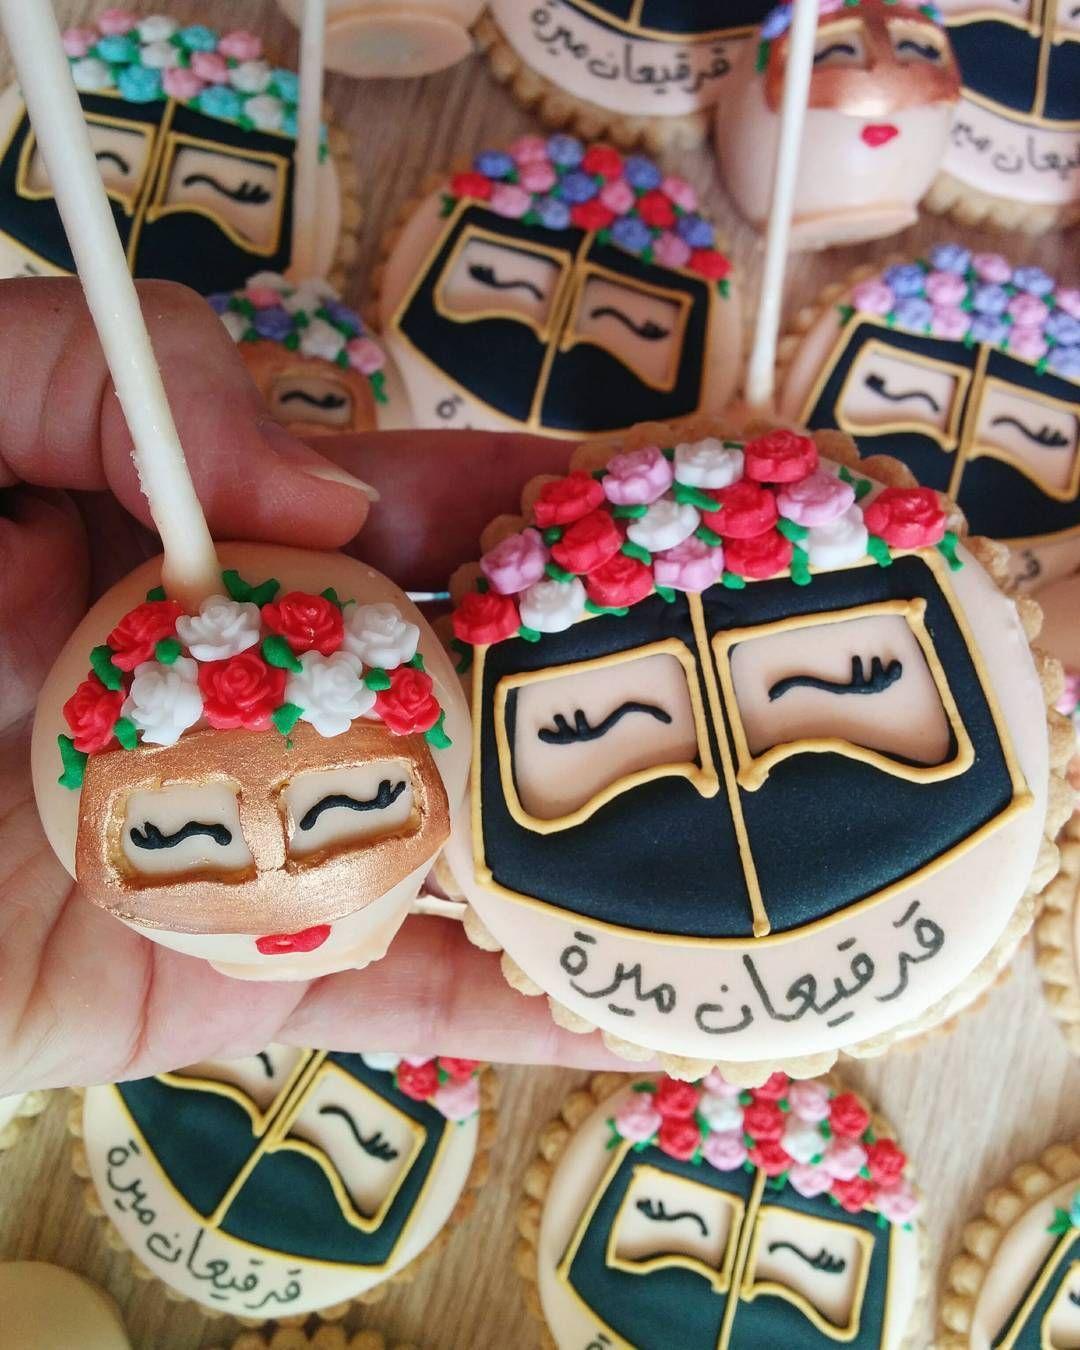 قرقيعان رمضانيات توزيعات قرقيعان توزيعات رمضان توزيعات حق الليلة حق الليلة Cake Desserts Sugar Cookie